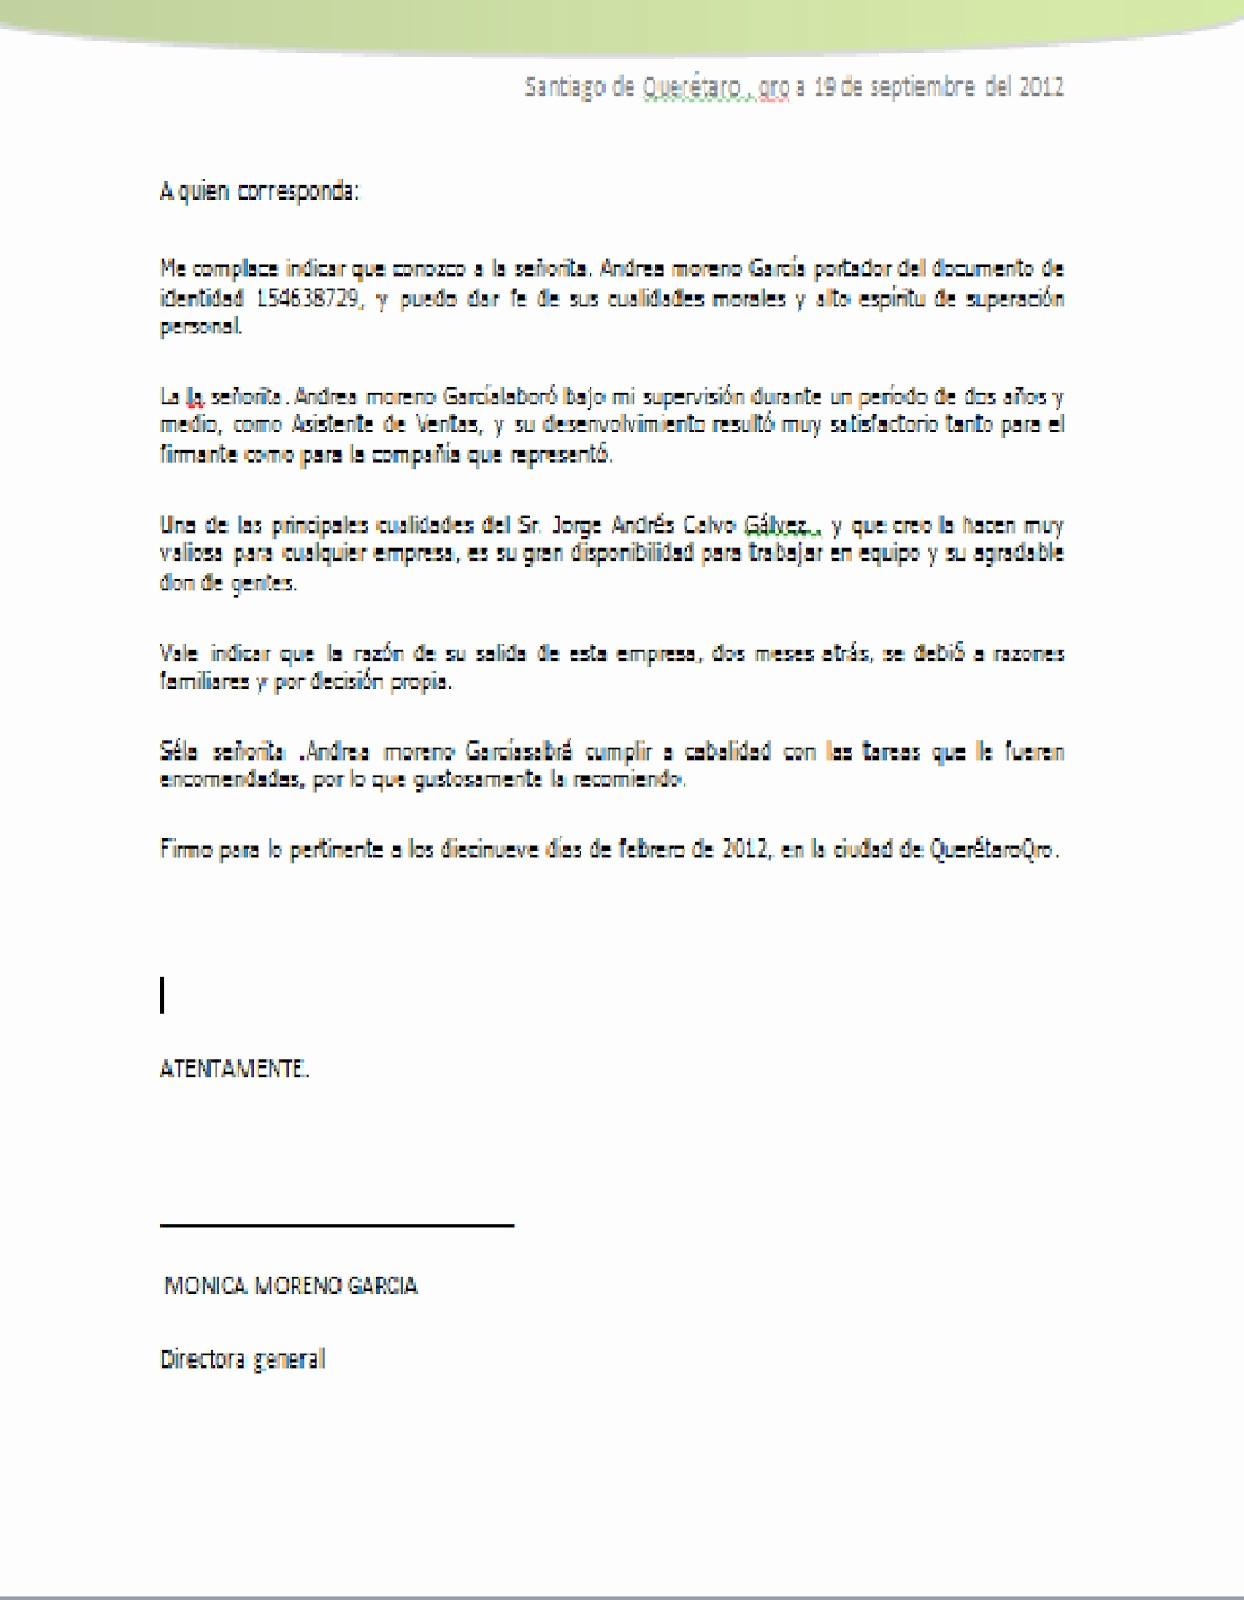 Formato Para Carta De Recomendacion Elegant Carta De Re Endacion Personal Word Wood Scribd Mexico